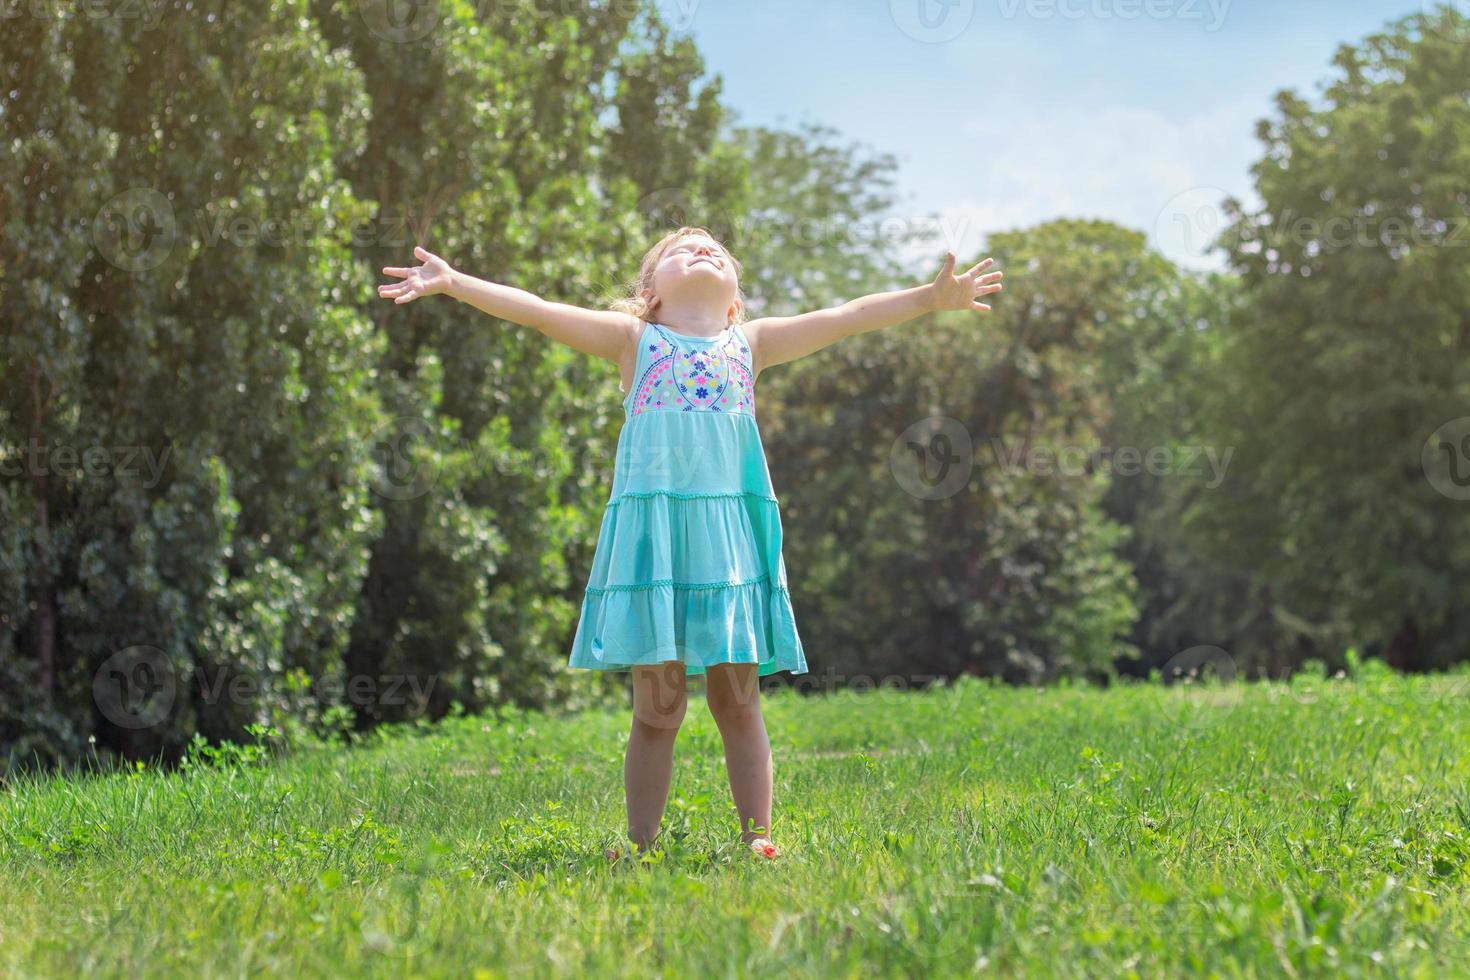 liten flicka med vidöppna armar, i parkens liv och natur foto